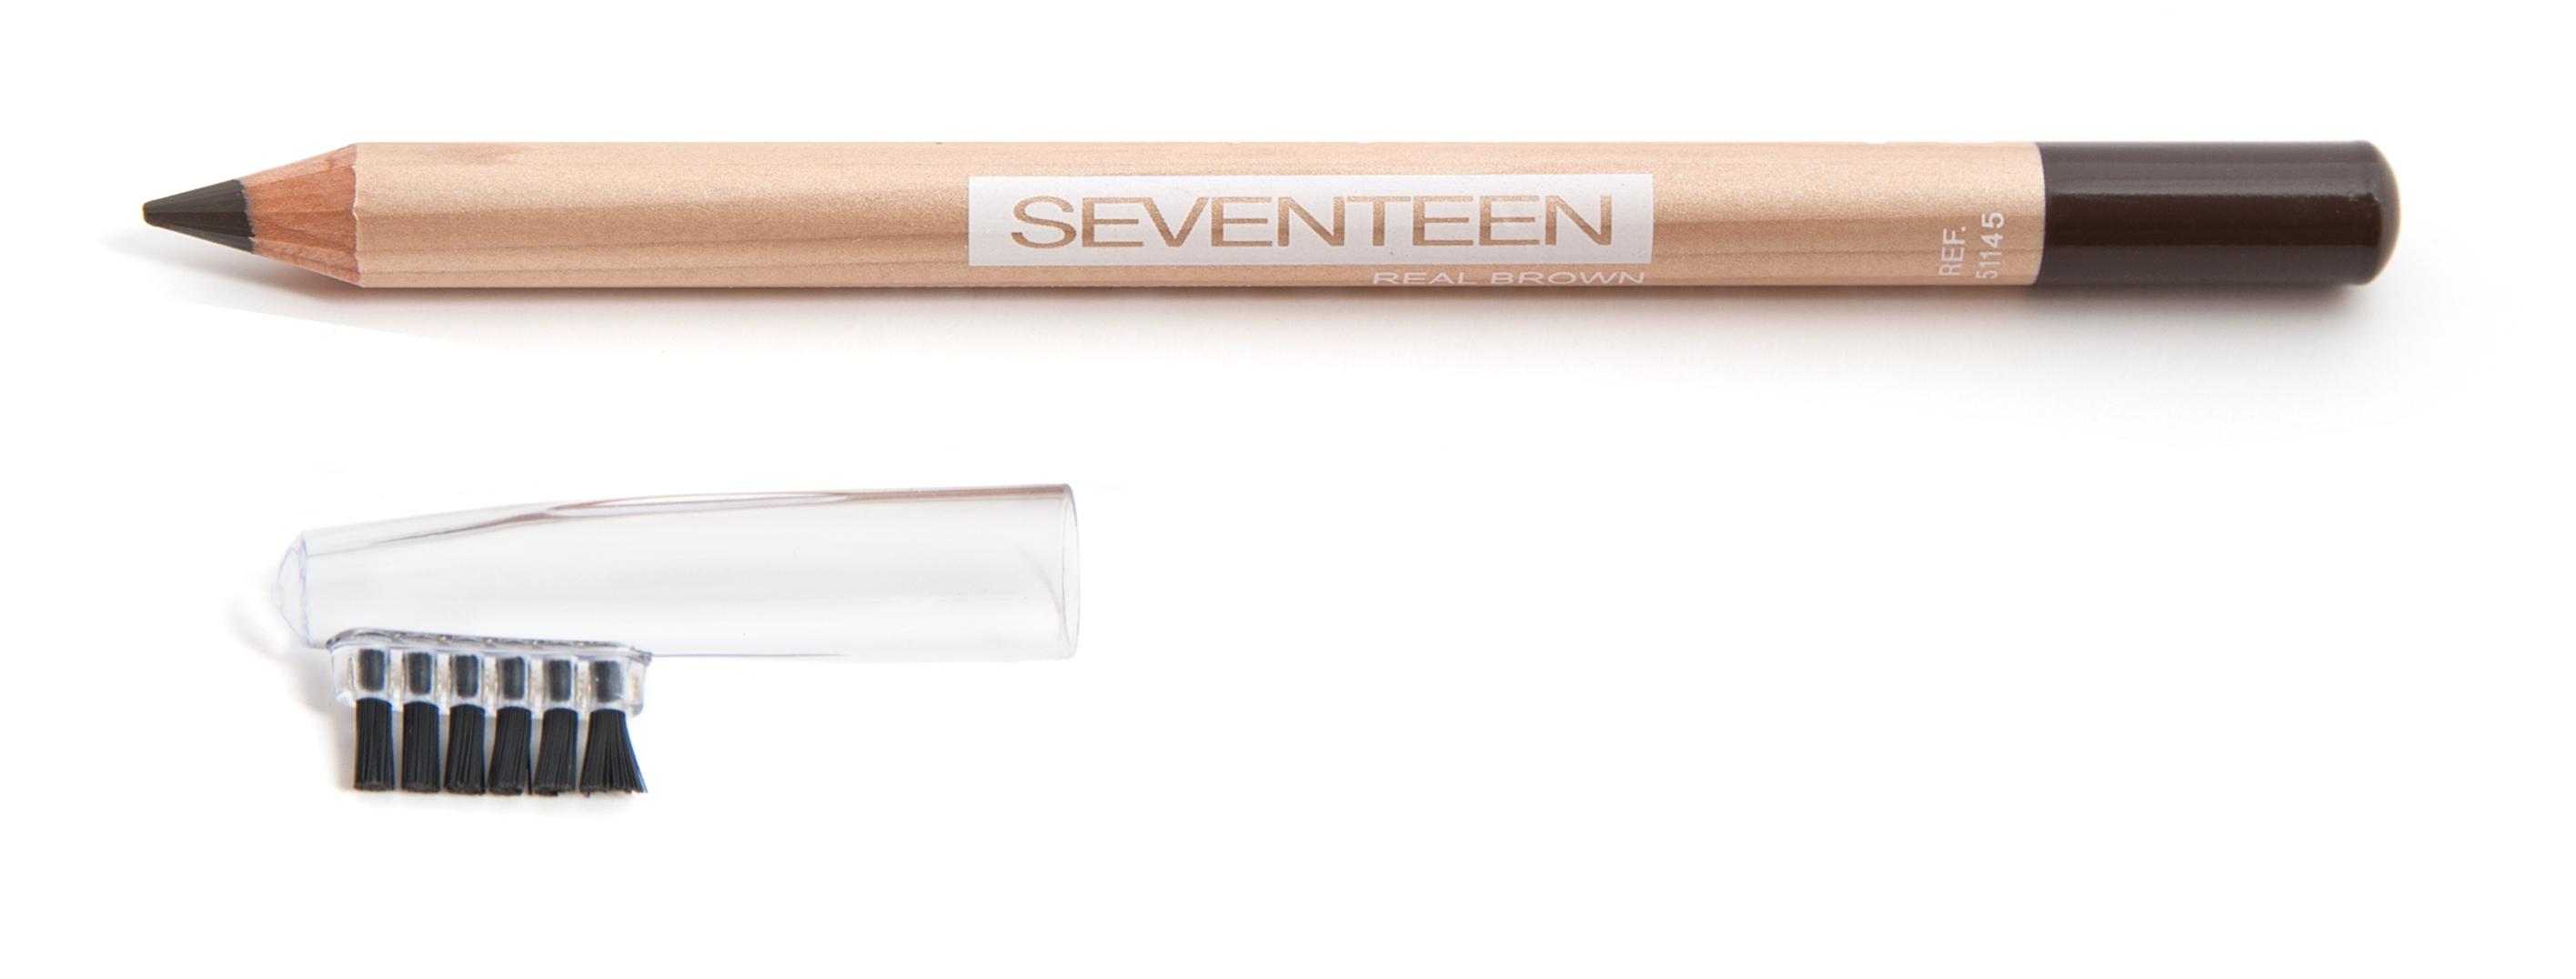 SEVENTEEN Карандаш с щеточкой для бровей, 06 коричневый / LONGSTAY EYE BROW SHAPER 1,14 г